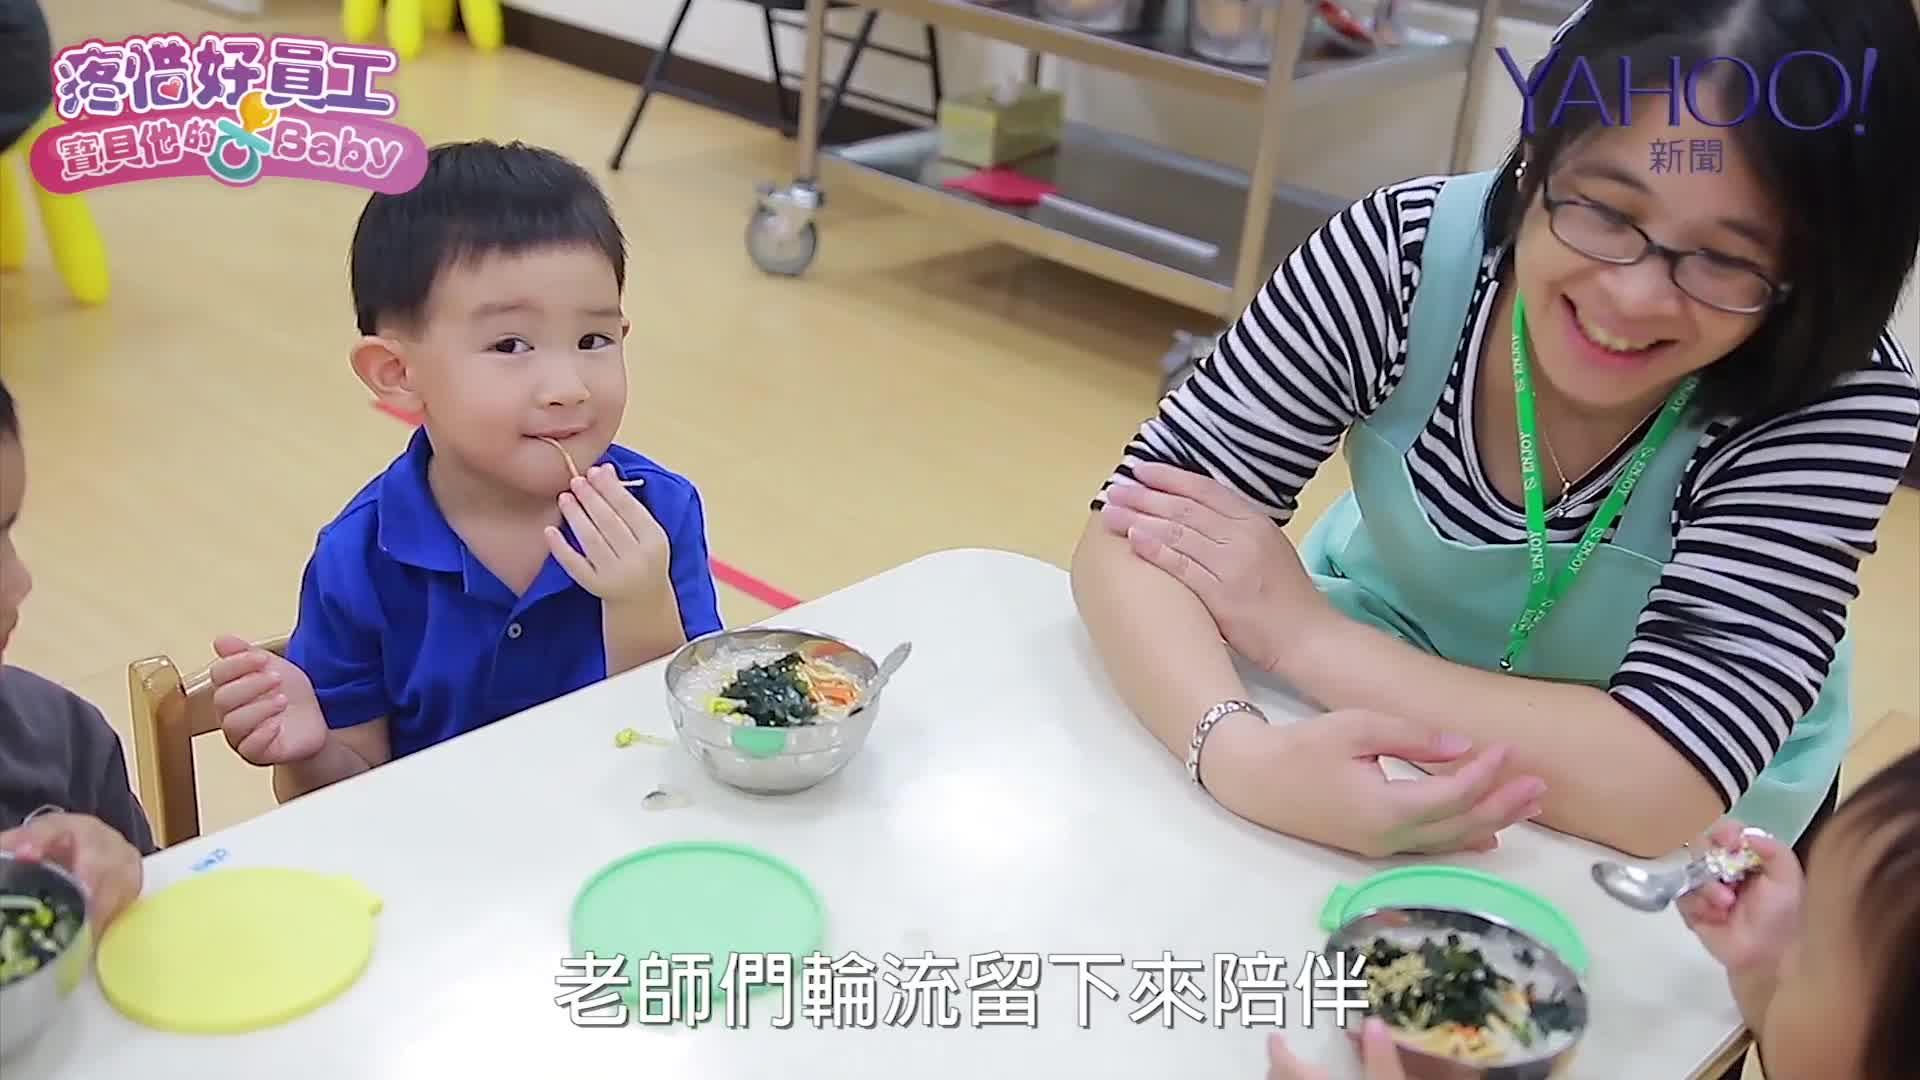 辦幼兒園、供晚餐 就是要讓員工無後顧之憂